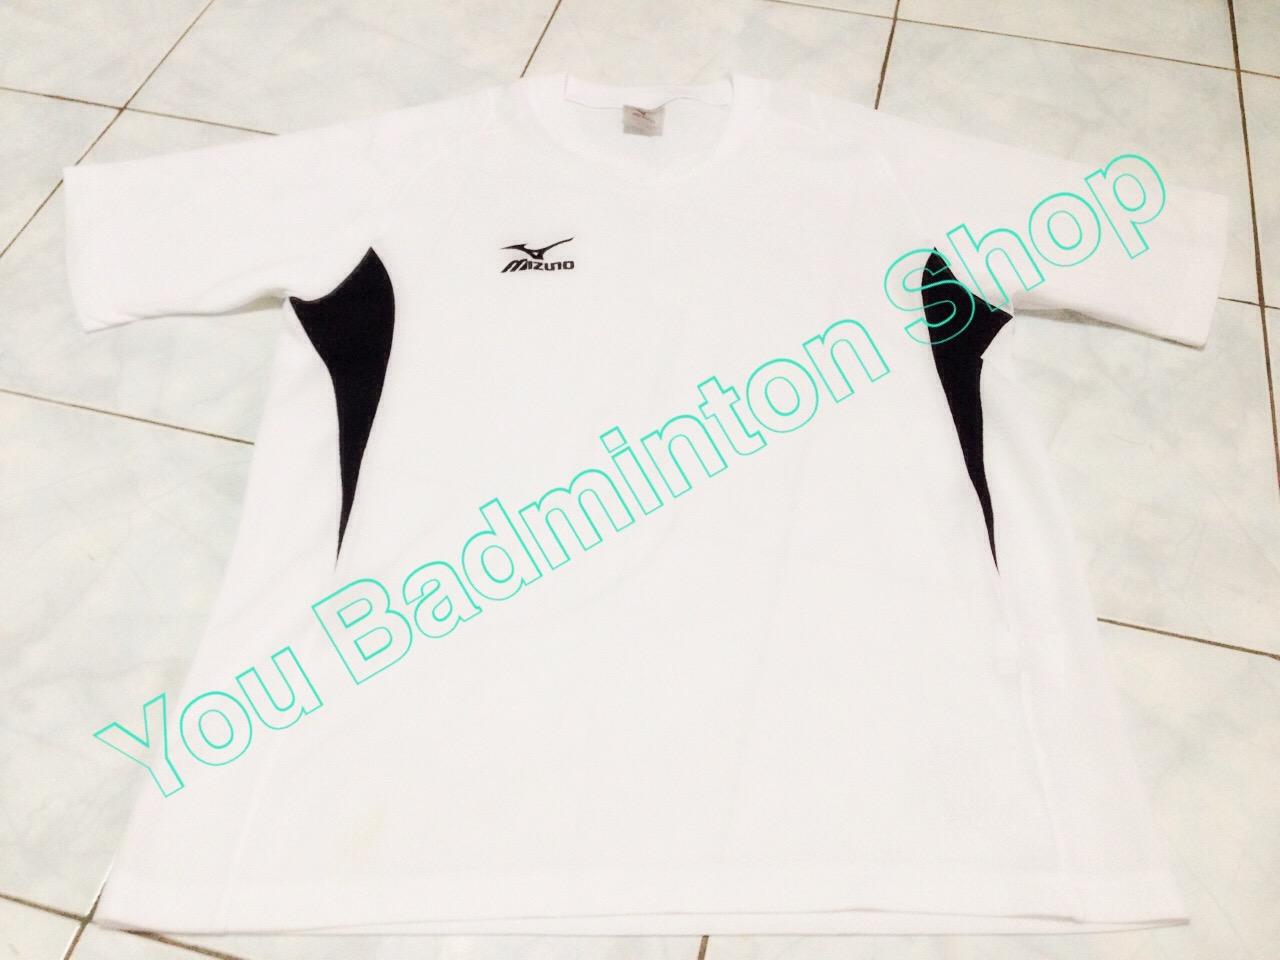 เสื้อ Mizuno มือสองสภาพใหม่ แท้ 100% (Made in Indonesia)